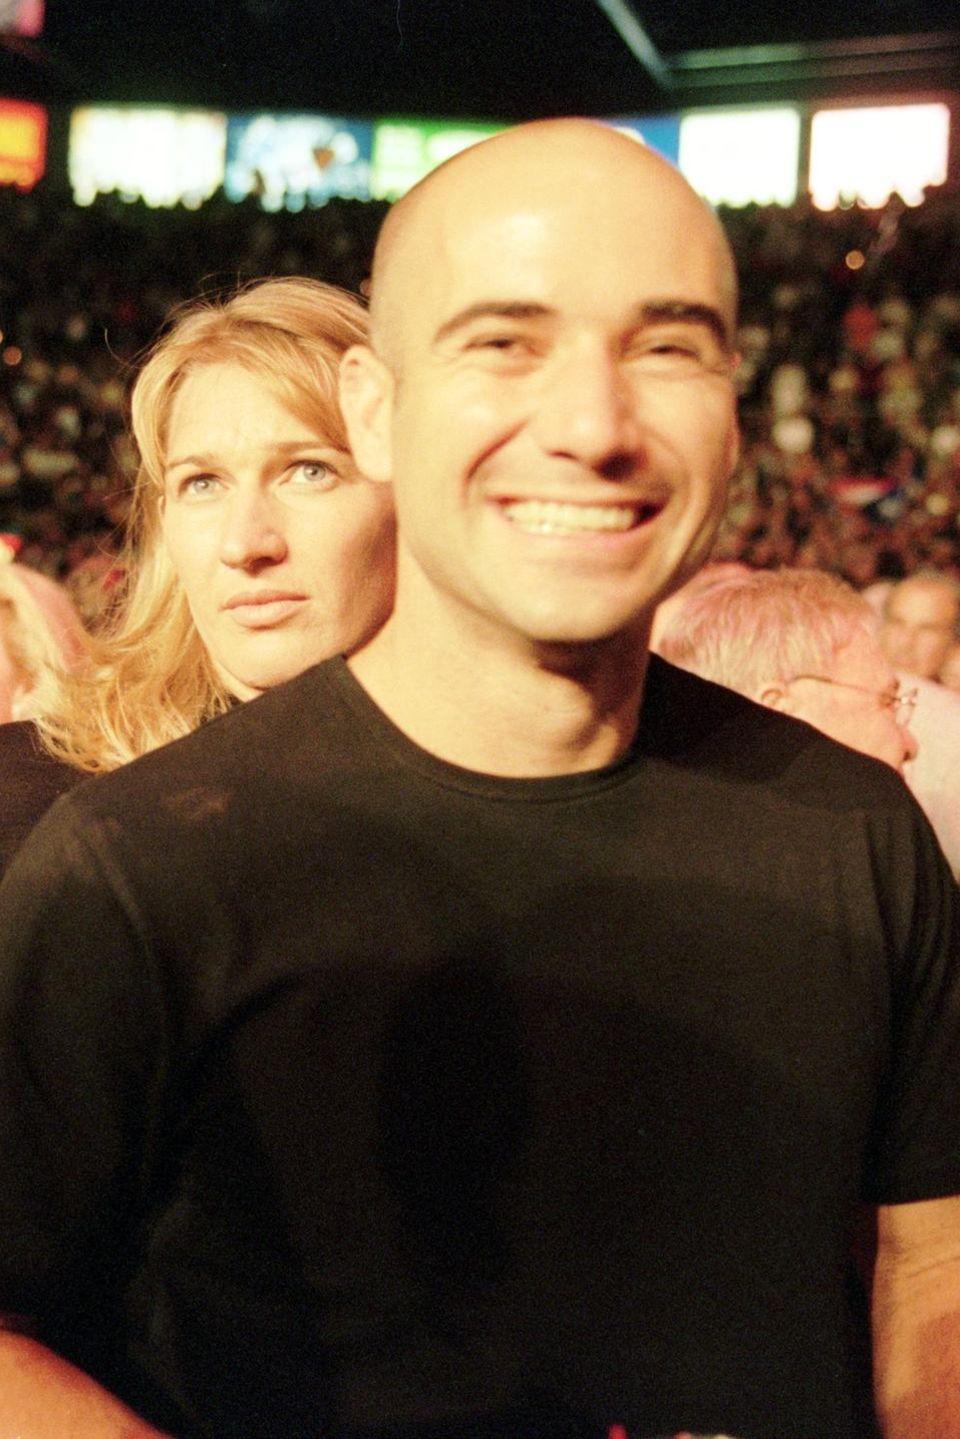 Im September 1999 zeigen sich Steffi Graf und Andre Agassi bei einem Boxkampf in Las Vegas zum ersten Mal als Paar. Kurz zuvor hatte Steffi die Trennung von ihrem langjährigen Freund, dem Rennfahrer Michael Bartels, bekannt gegeben. Und auch Andre ist frisch geschieden: Von 1997 bis 1999 war er mit der Schauspielerin Brooke Shields verheiratet.